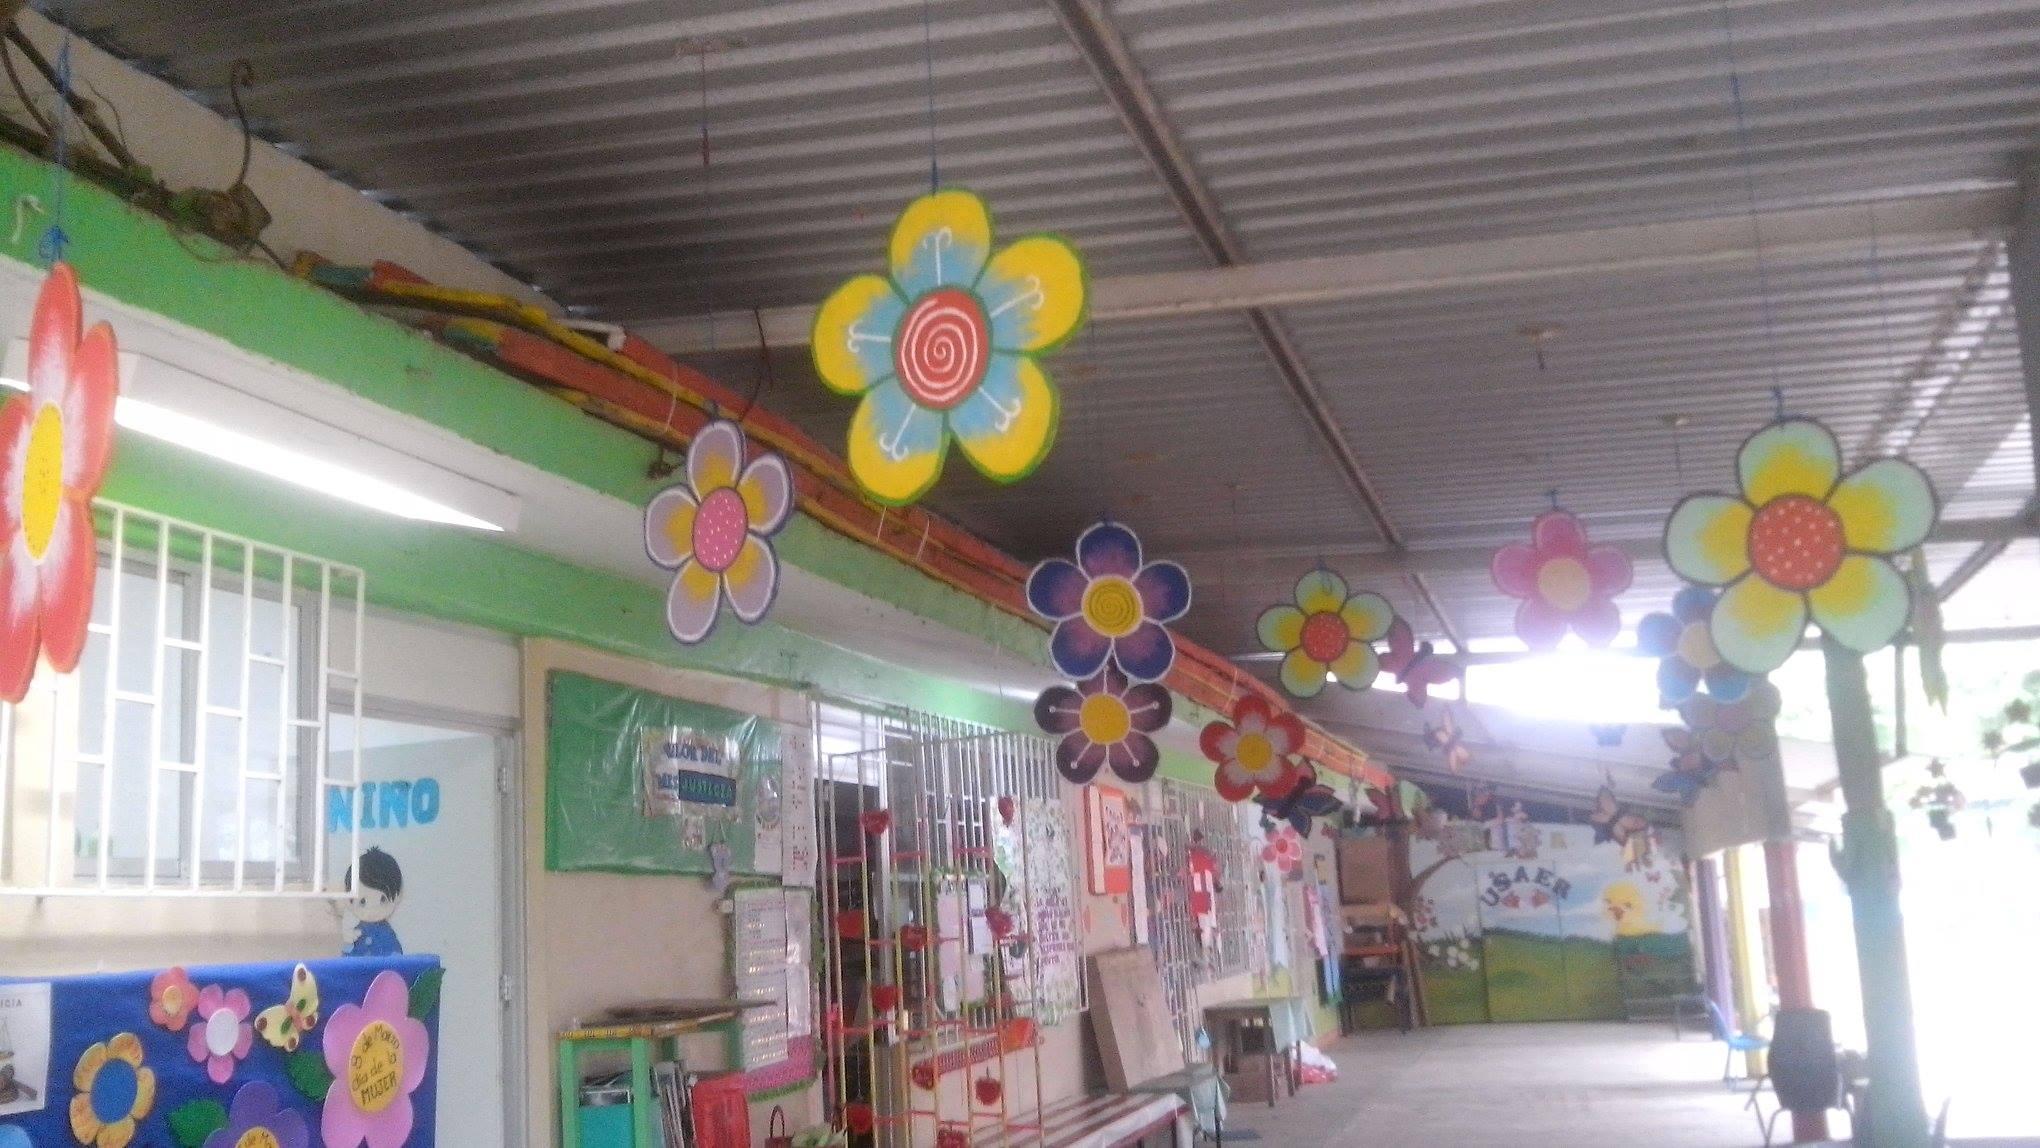 Salon De Clases Decorado De Primavera ~ Decoracion de clase detalles primavera (22)  Imagenes Educativas